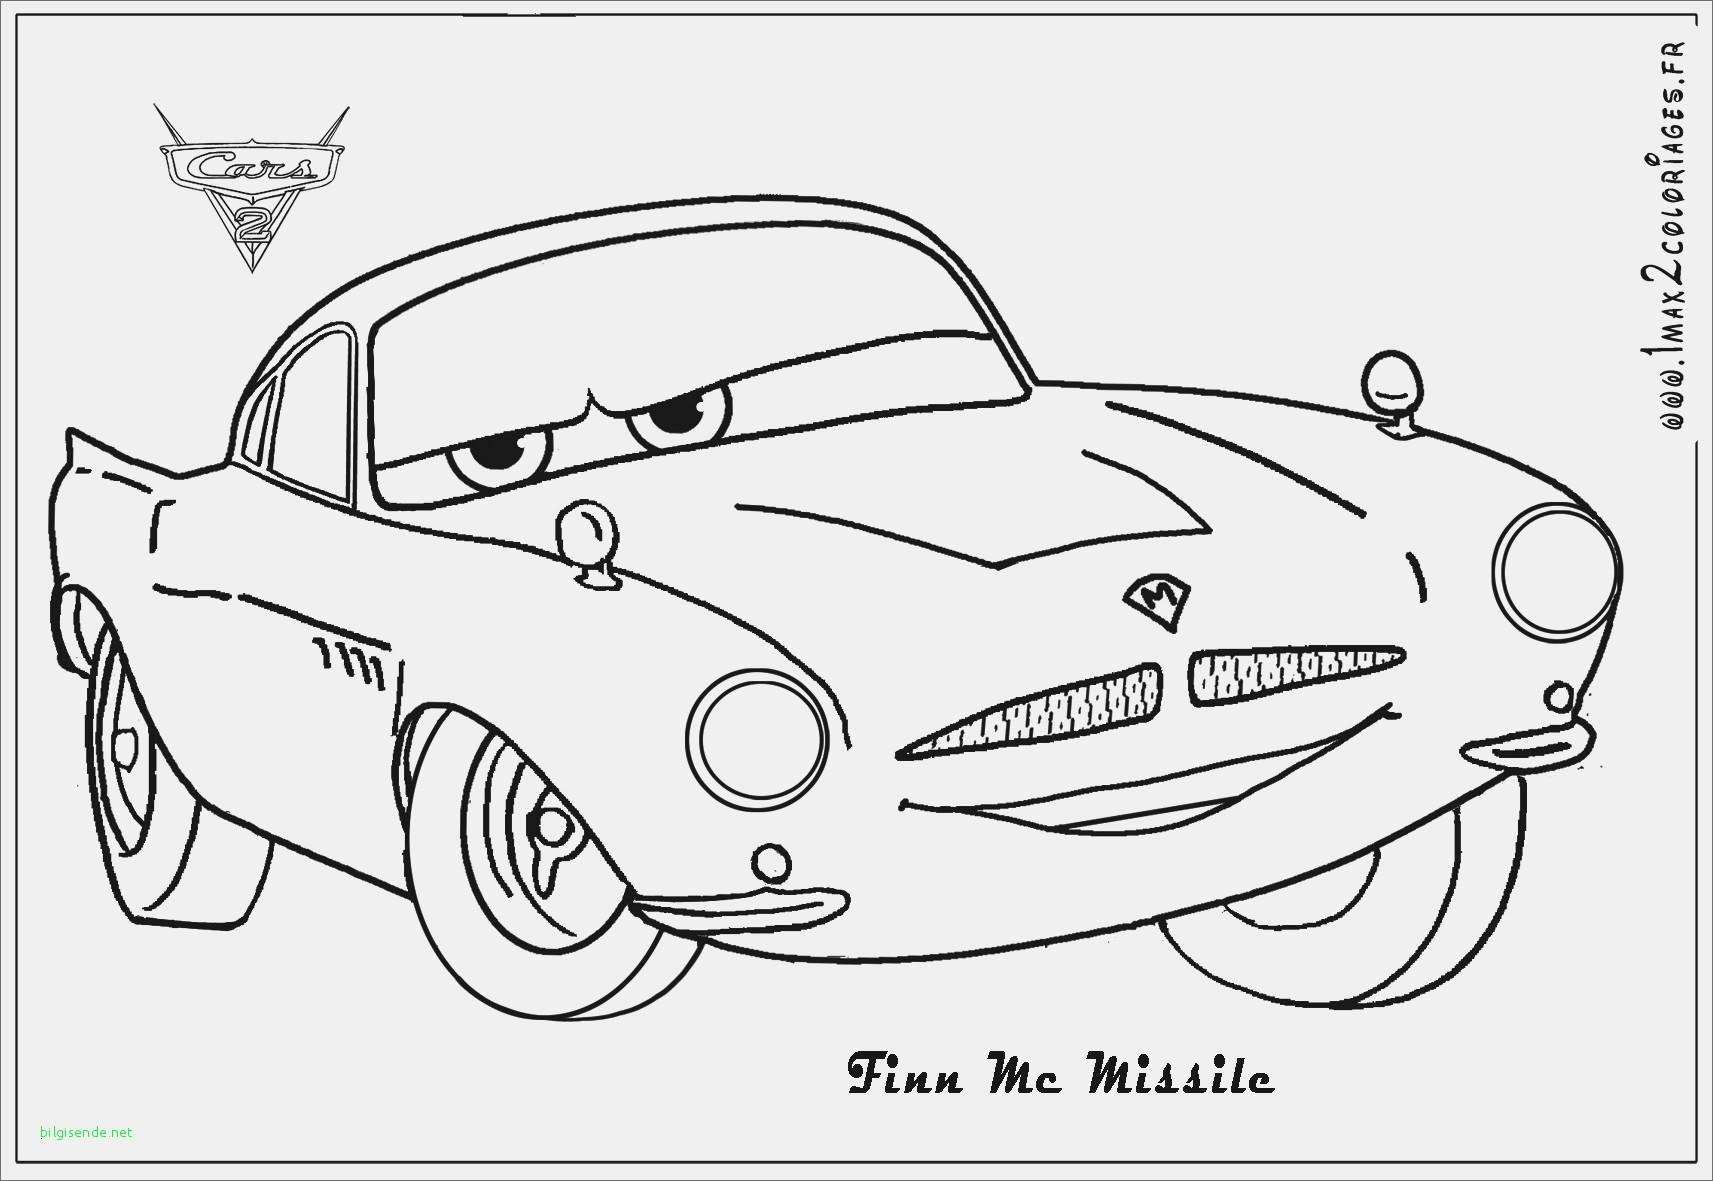 Ausmalbilder Minnie Maus Inspirierend Lkw Malvorlagen Kostenlos Verschiedene Bilder Färben 37 Ausmalbilder Sammlung